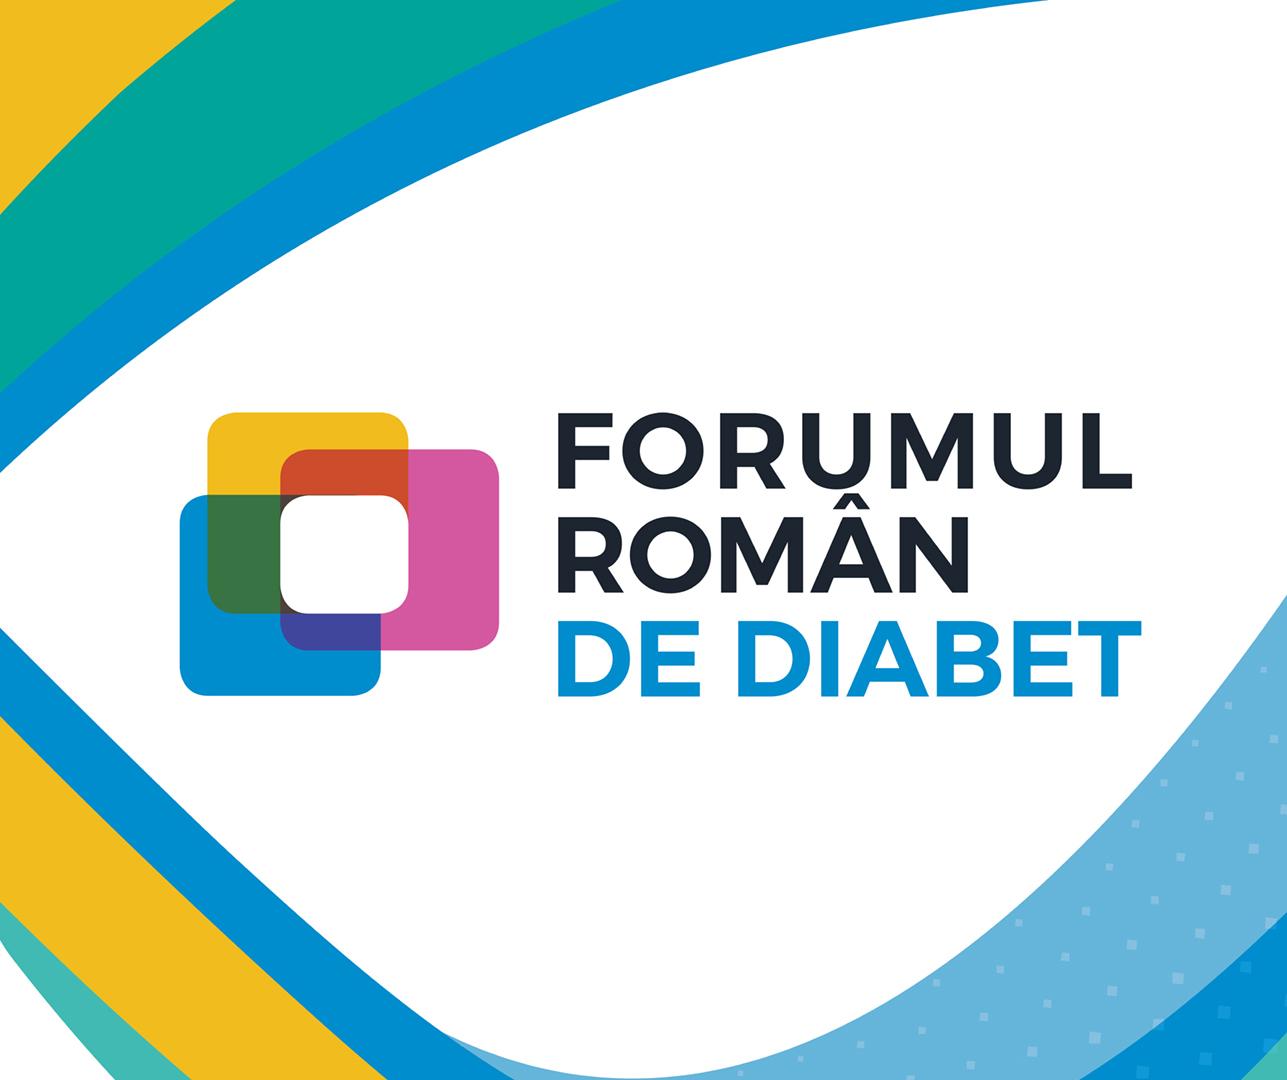 Diabet forum 2019